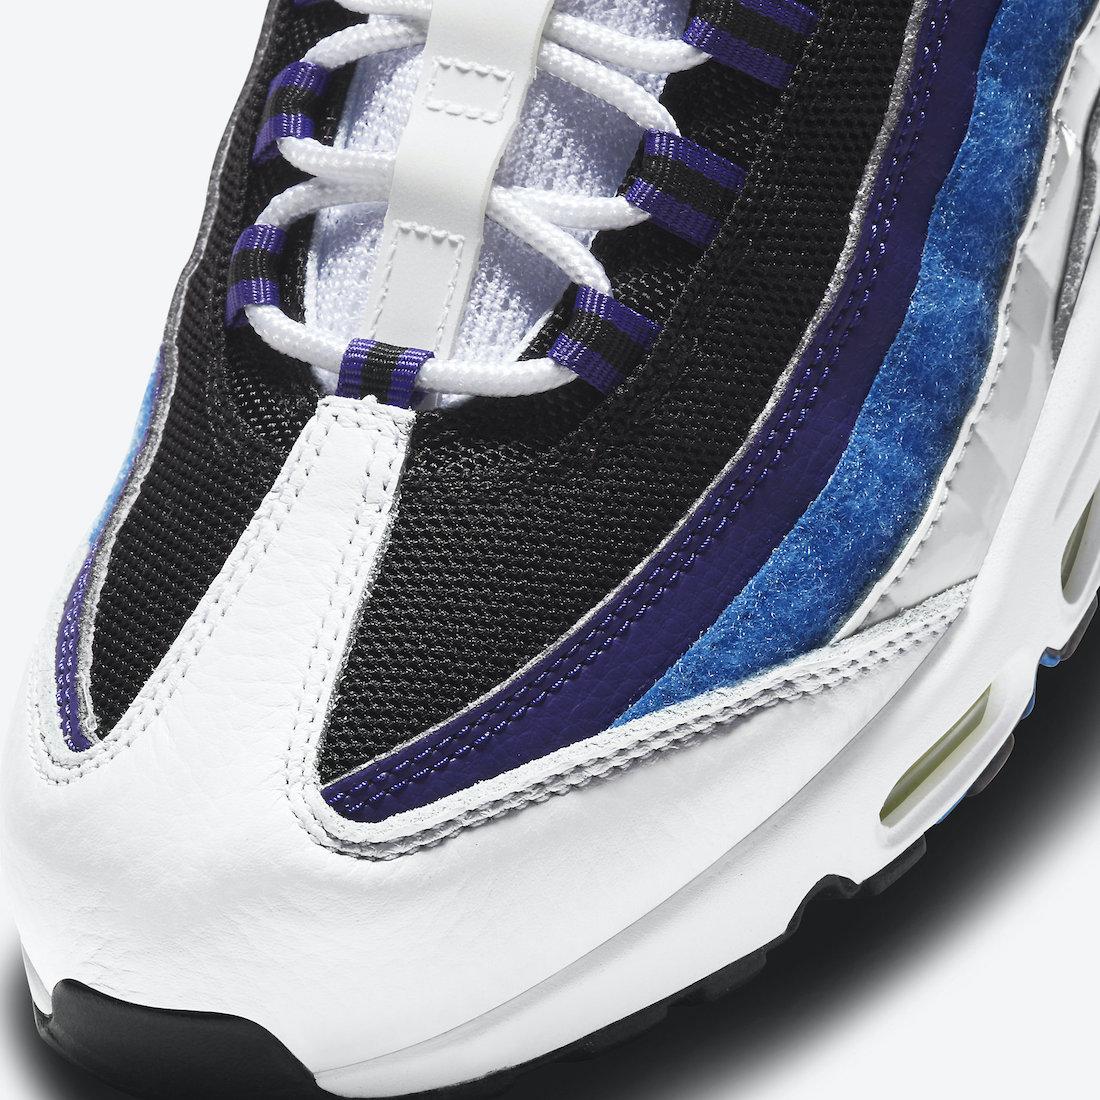 Nike-Air-Max-95-Kaomoji-DD9600-100-Release-Date-6